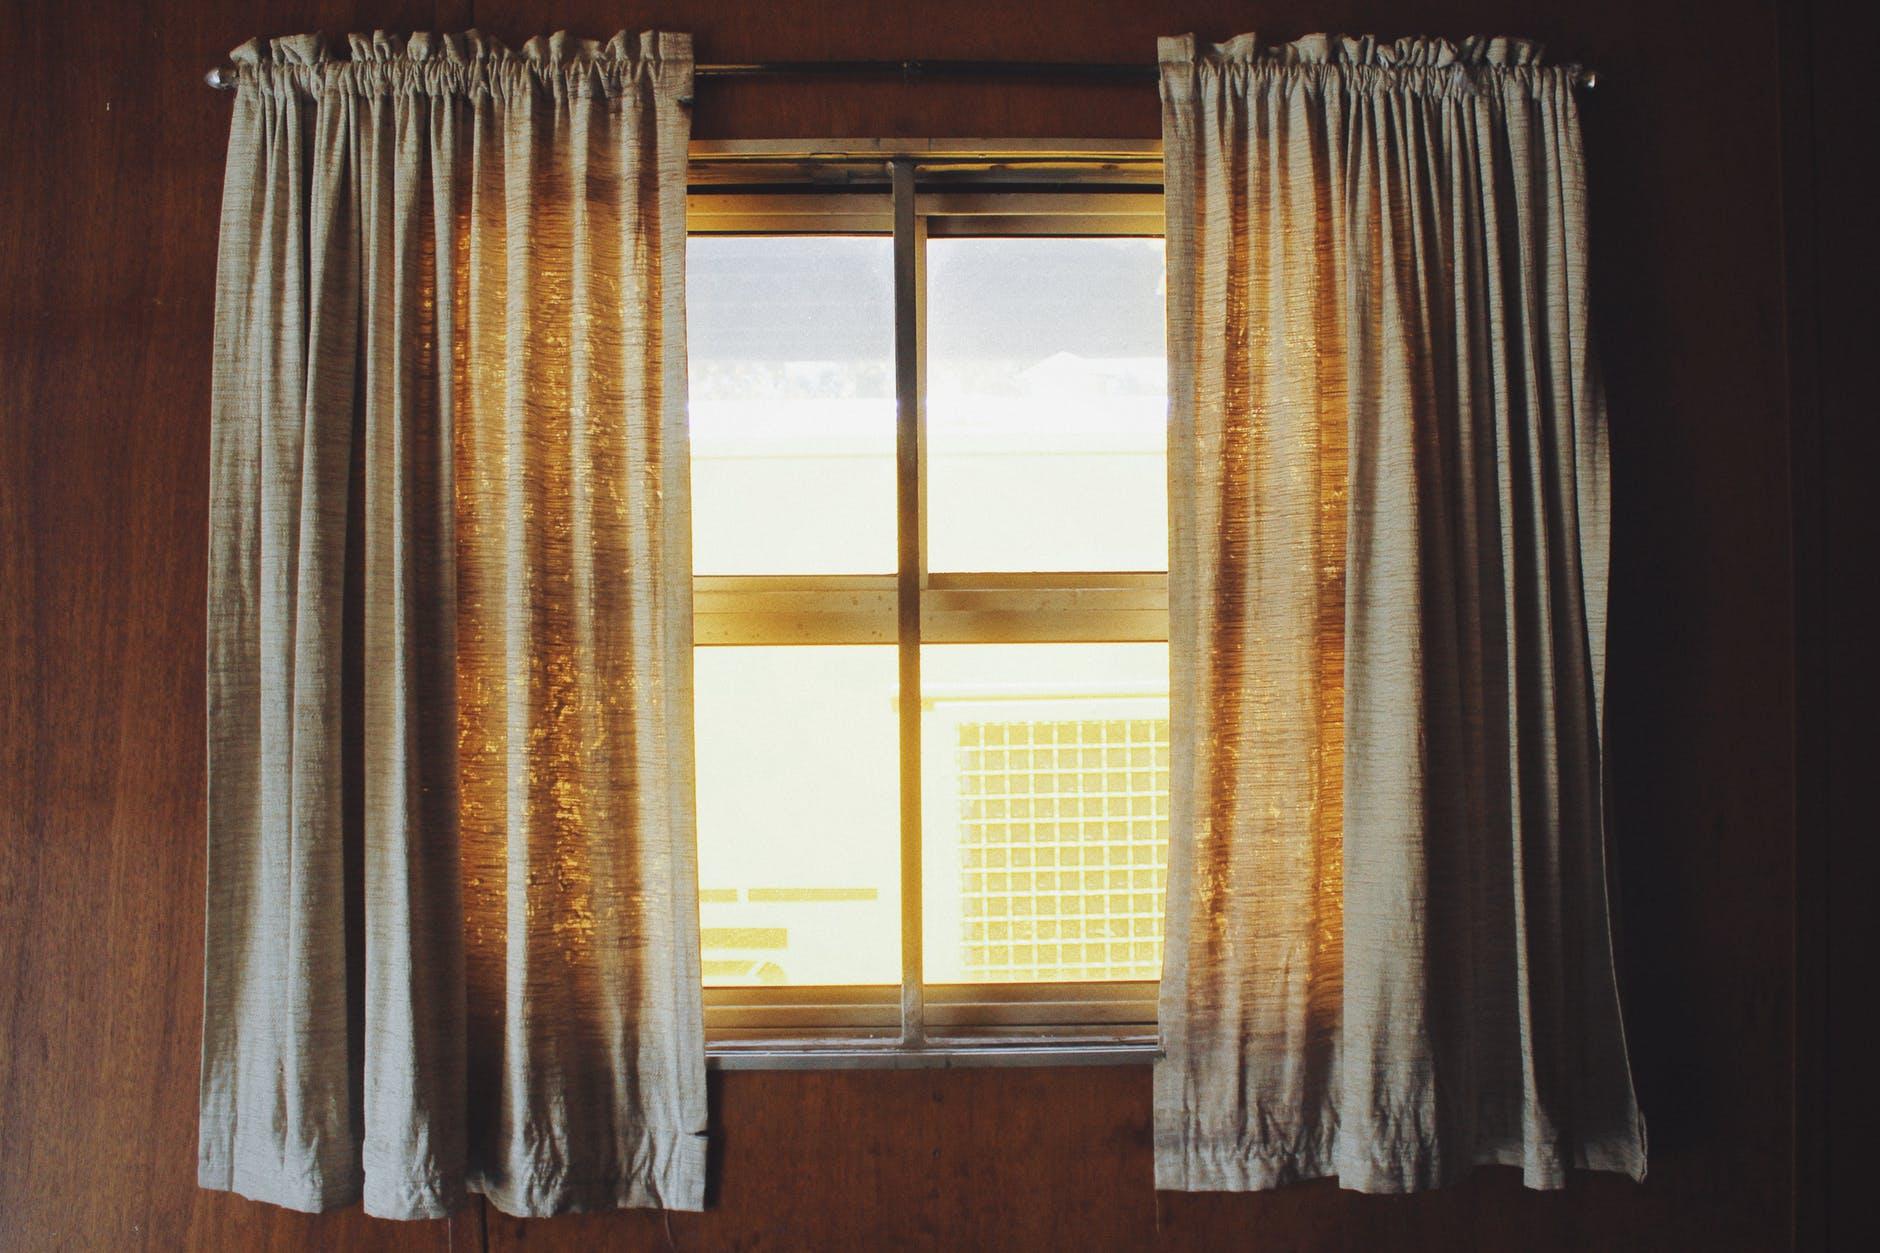 Zasłony i firany – sposób na wiosenne (i nie tylko) odświeżenie okien